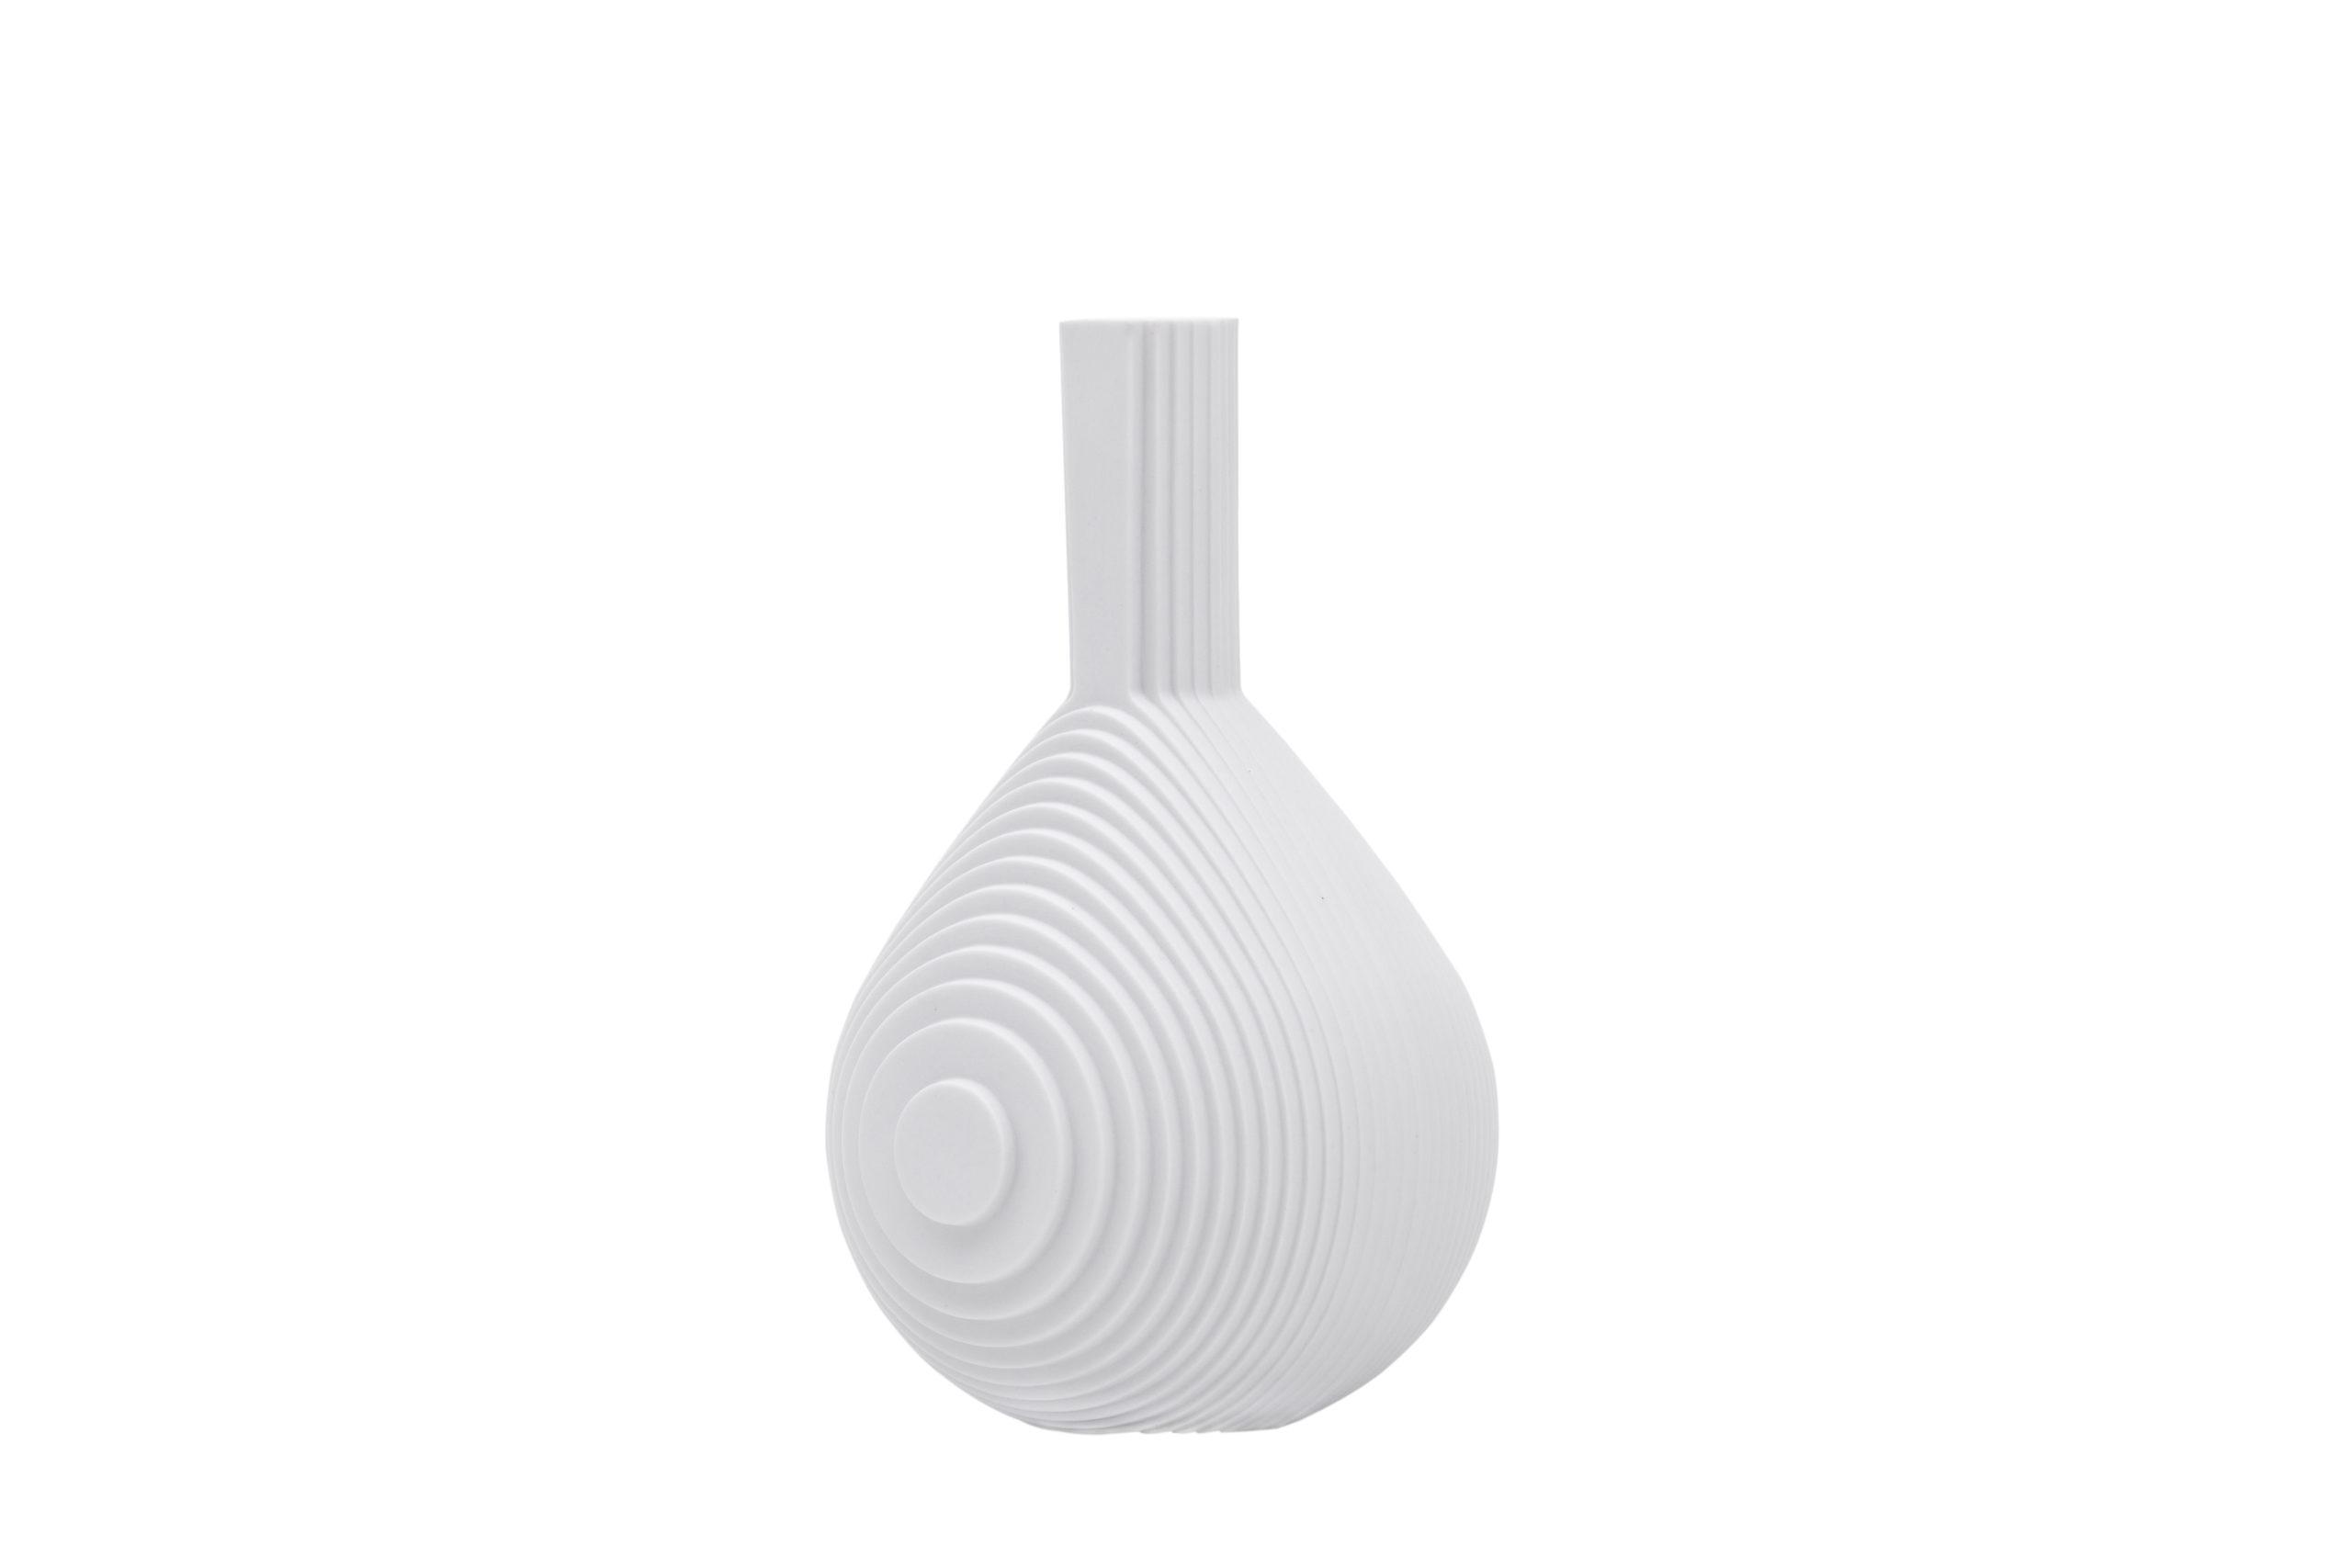 Architectmade-Flow-Drop-Porcelain-Vibeke-Rytter-2